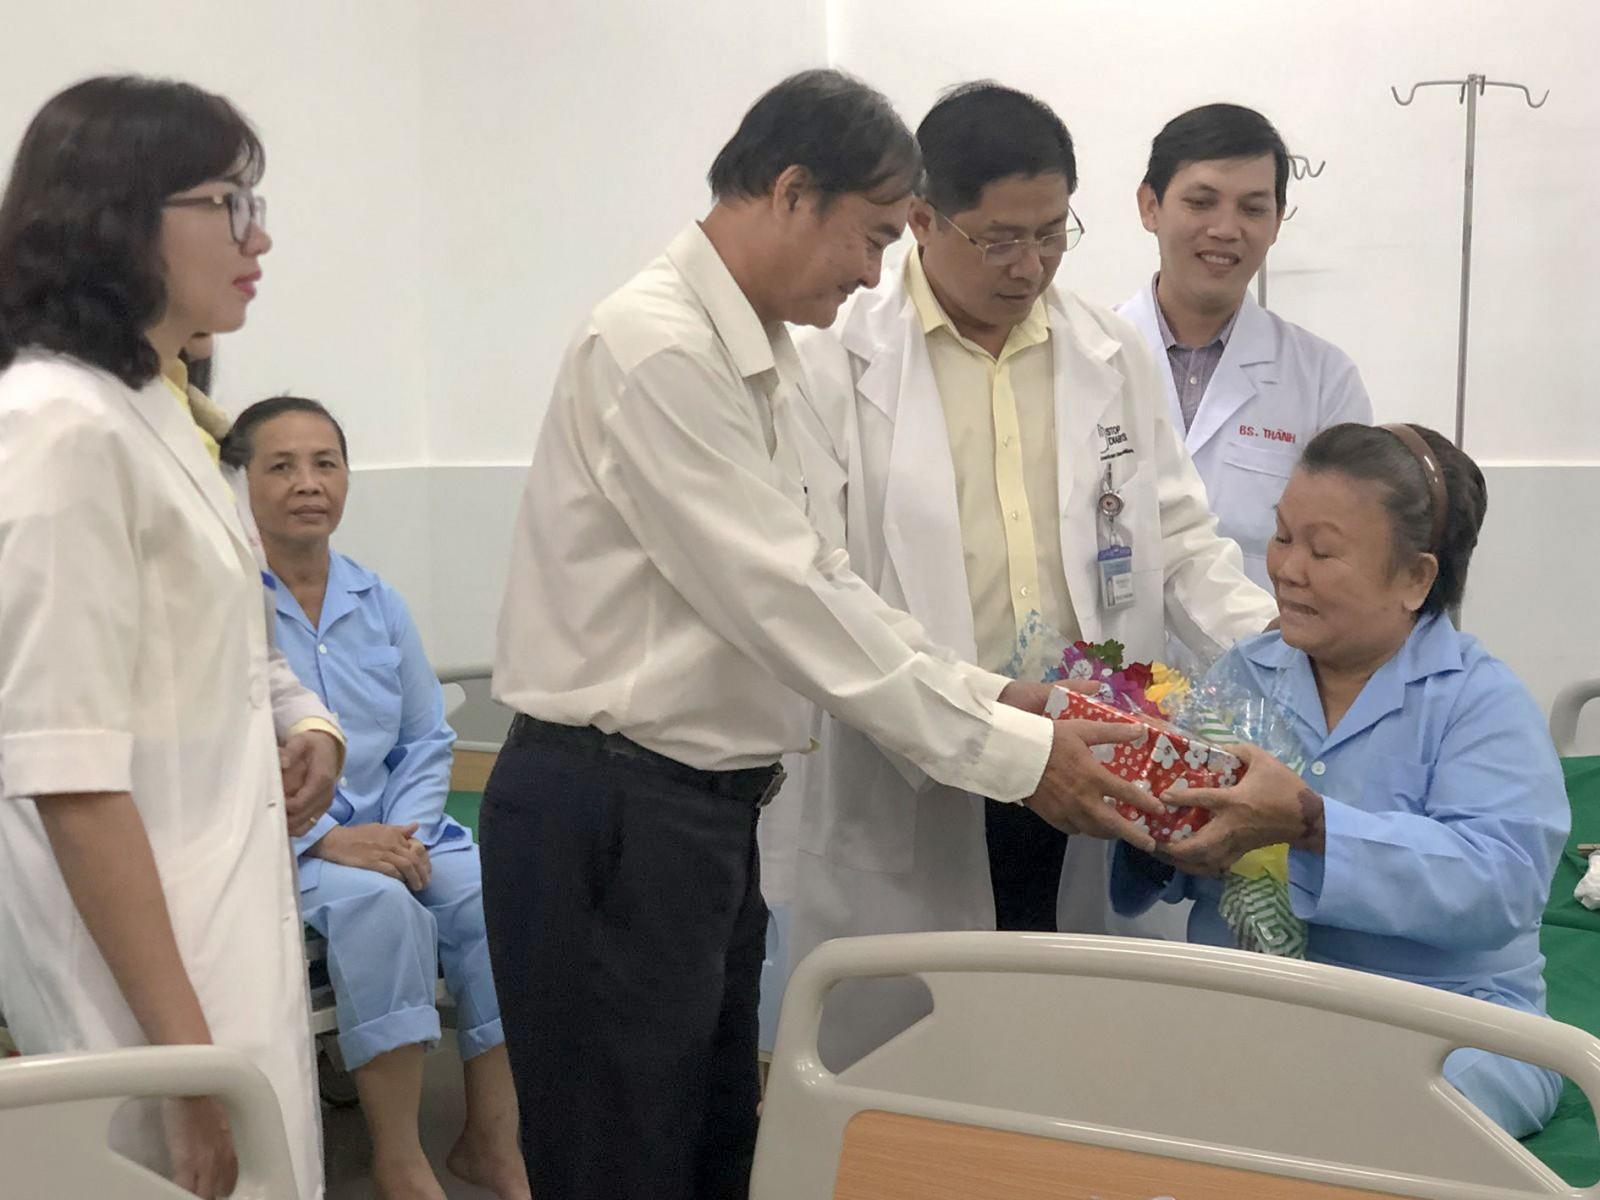 Cán bộ, nhân viên bệnh viện tặng hoa, quà chúc mừng bệnh nhân.